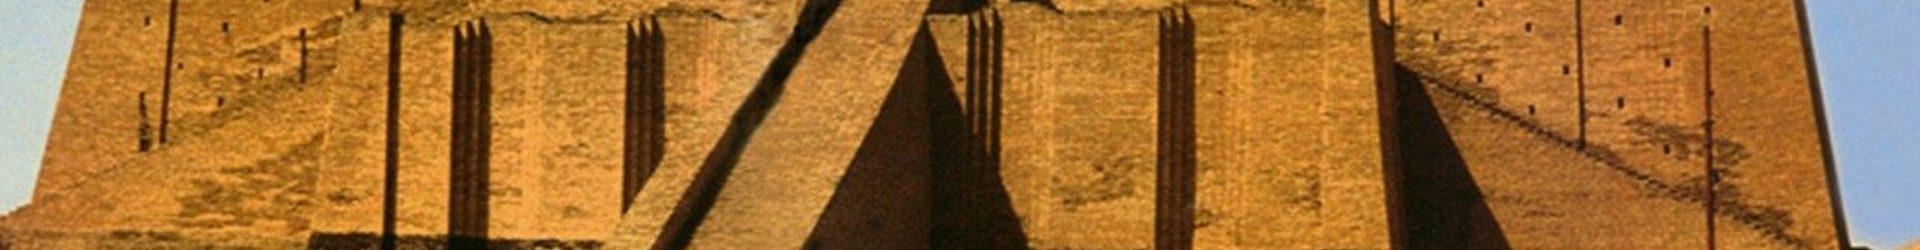 """Dalla piana di UR dei Caldei: """"Chi ha il coraggio di guardare le stelle… non ha nemici da combattere"""". Il cammino della pace con Papa Francesco"""